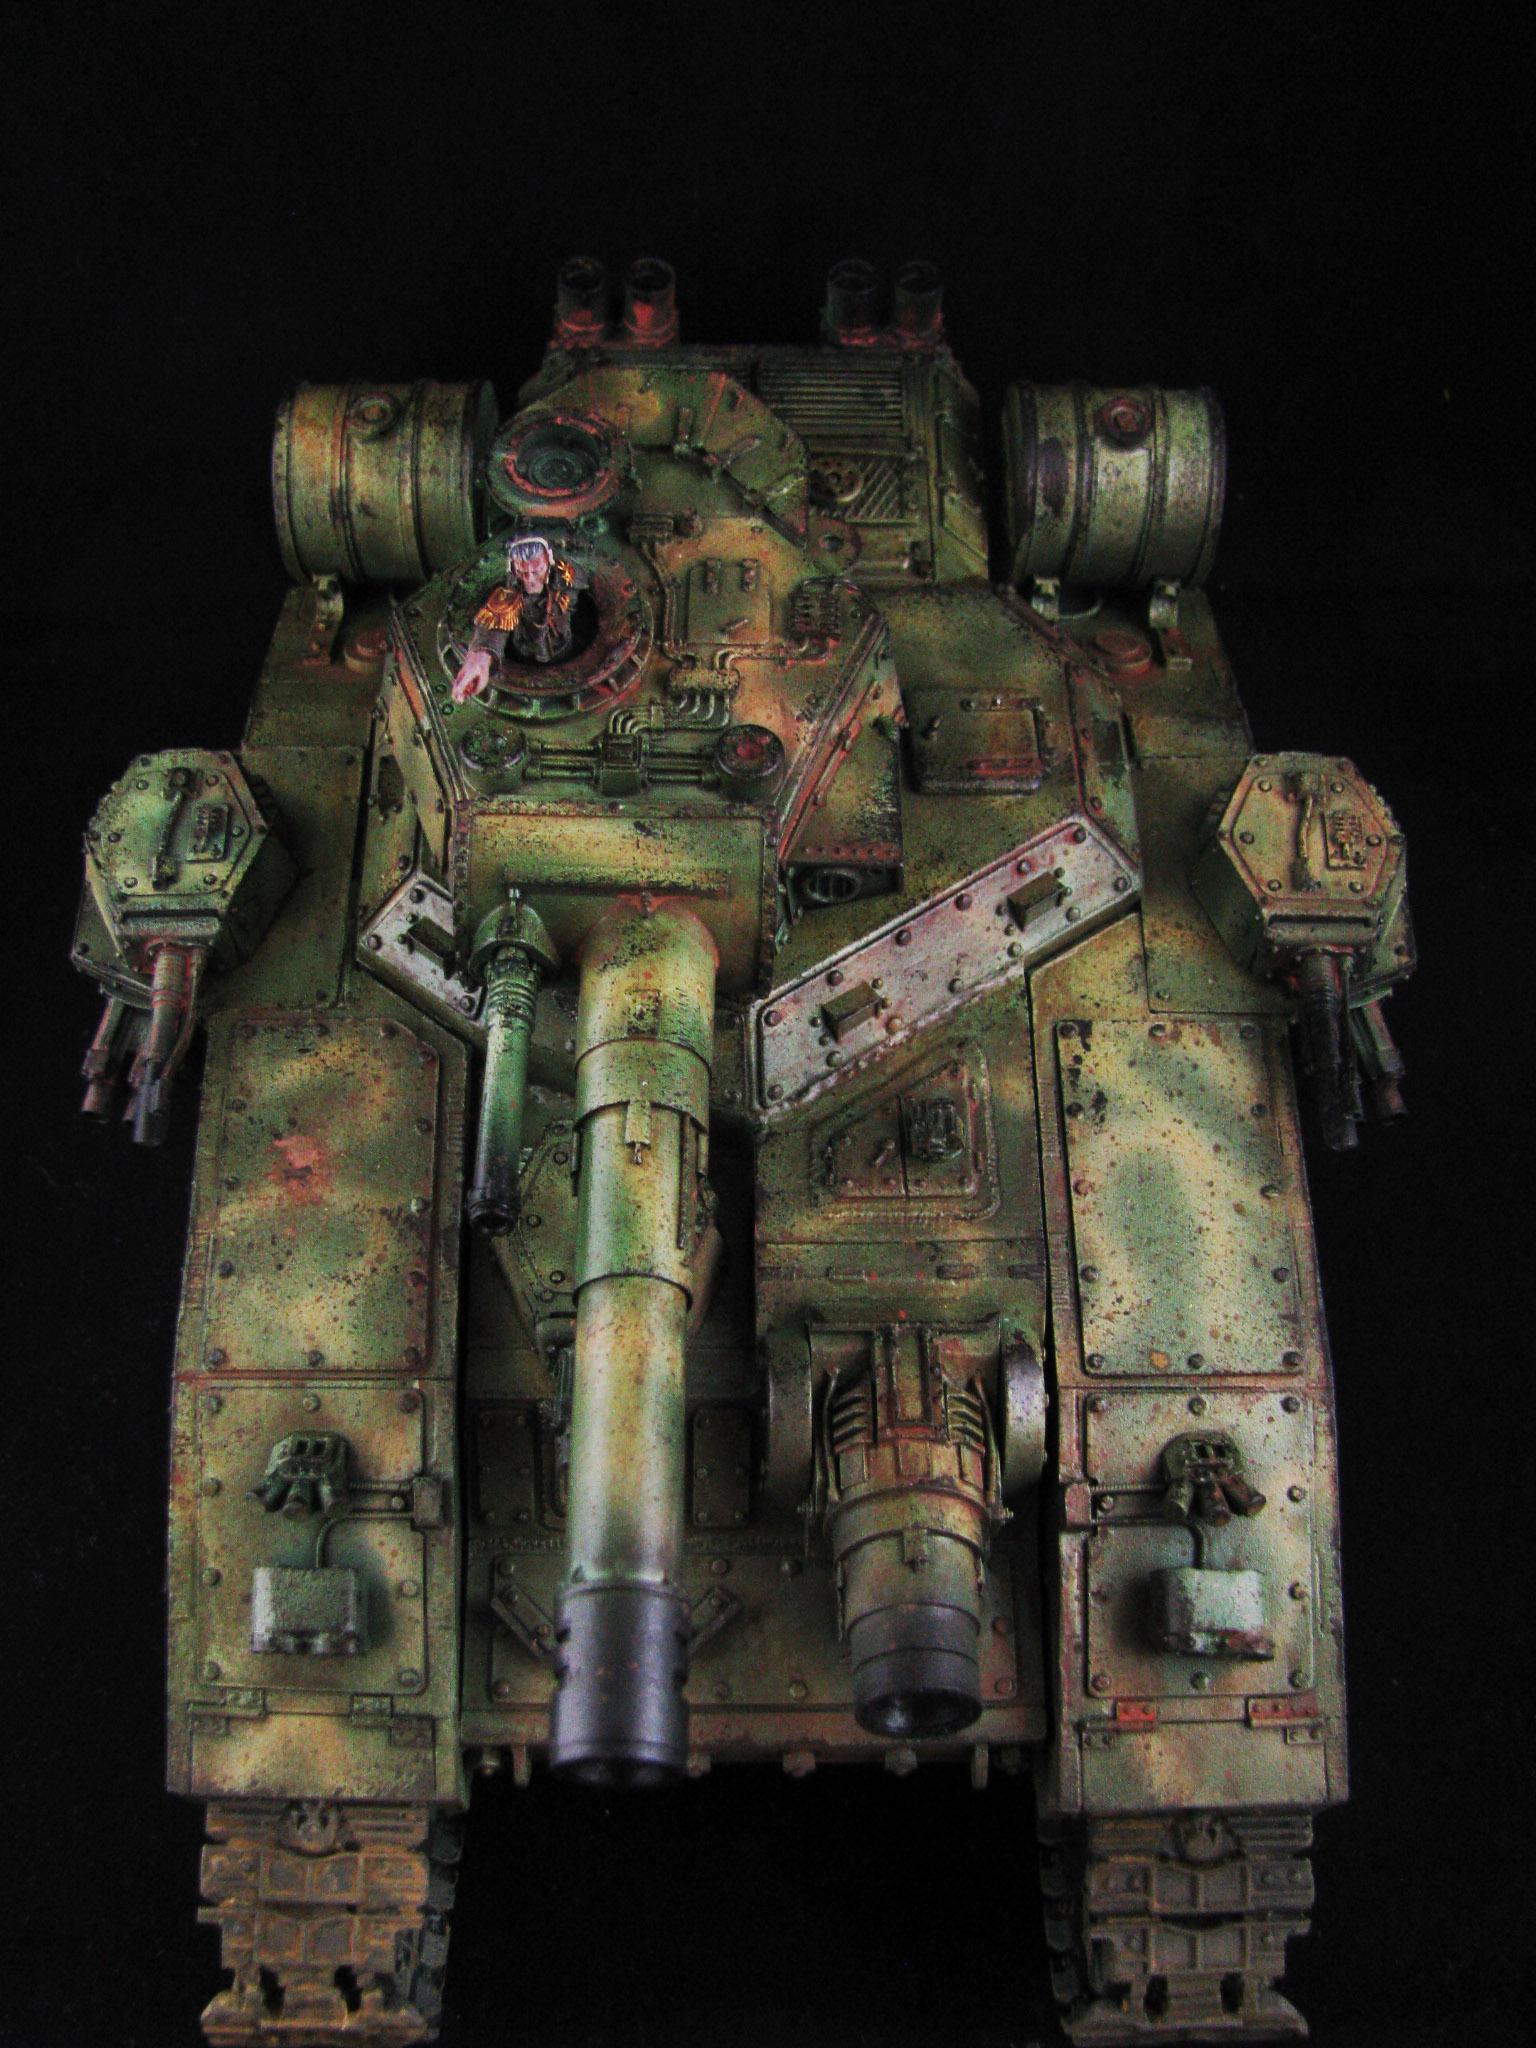 Apocalypse, Baneblade, Imperial Guard, Super-heavy, Warhammer 40,000